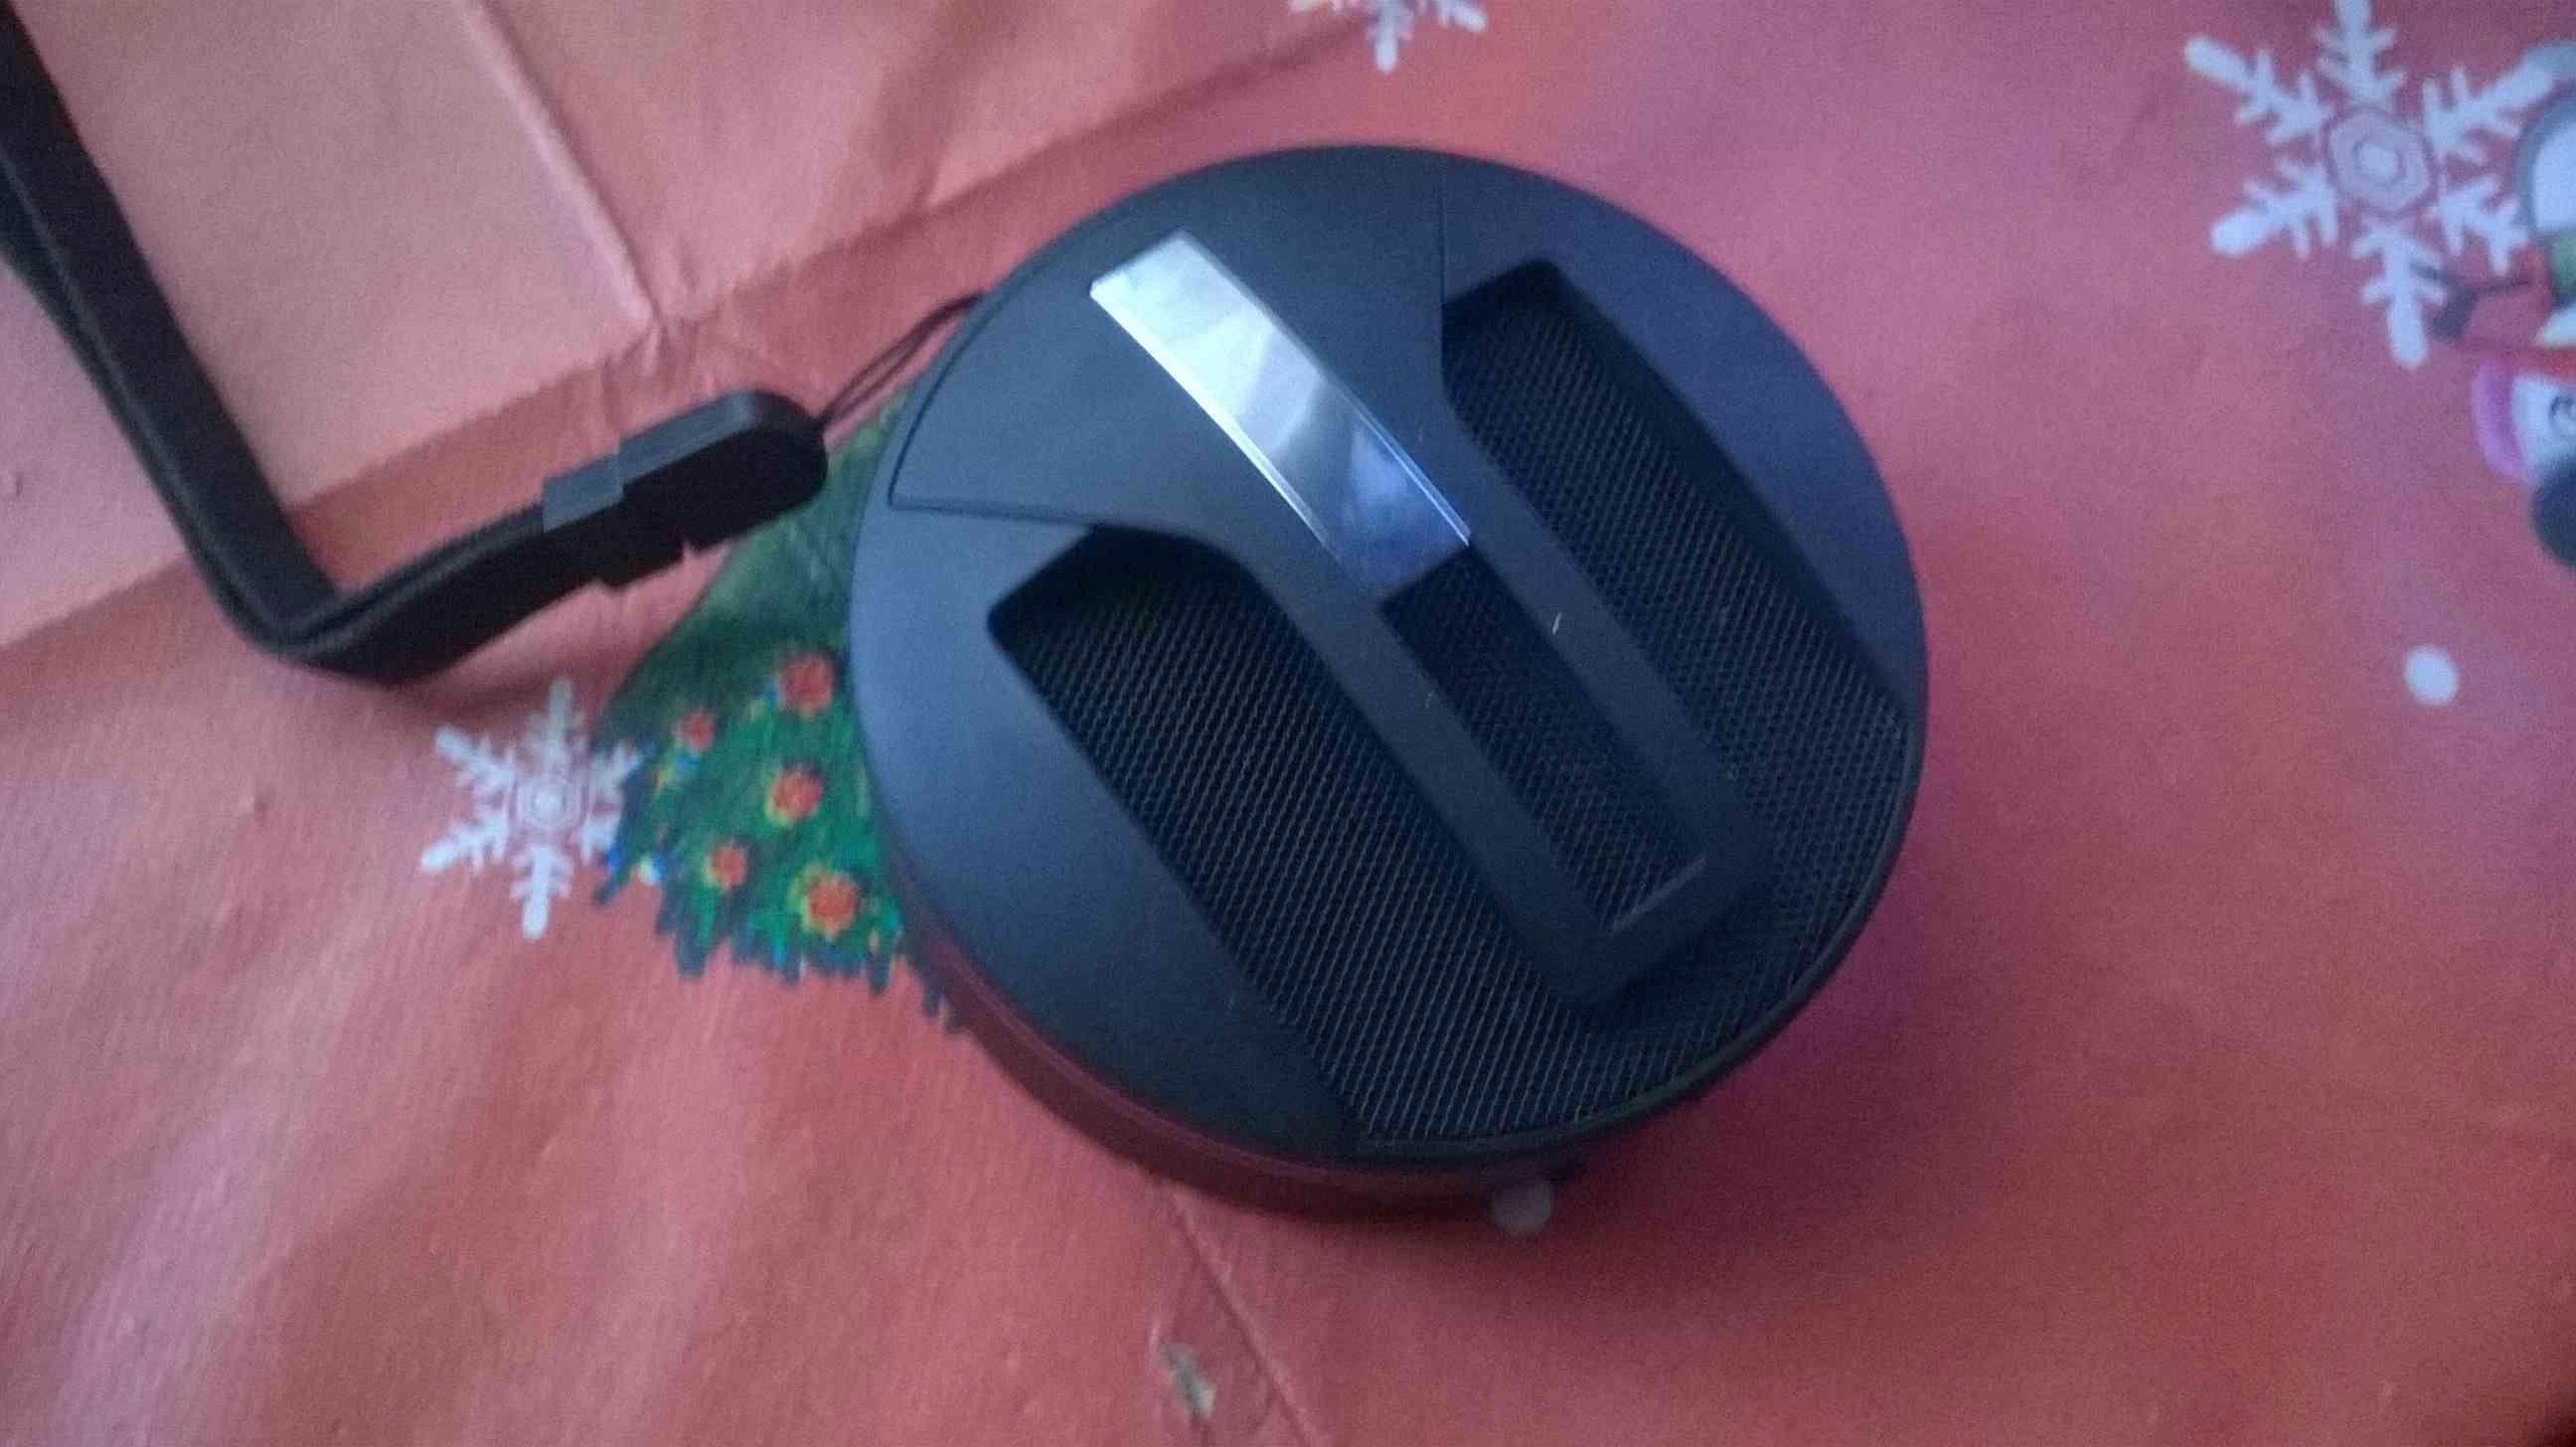 [Teszt] Cresta Bluetooth-os hangszóró